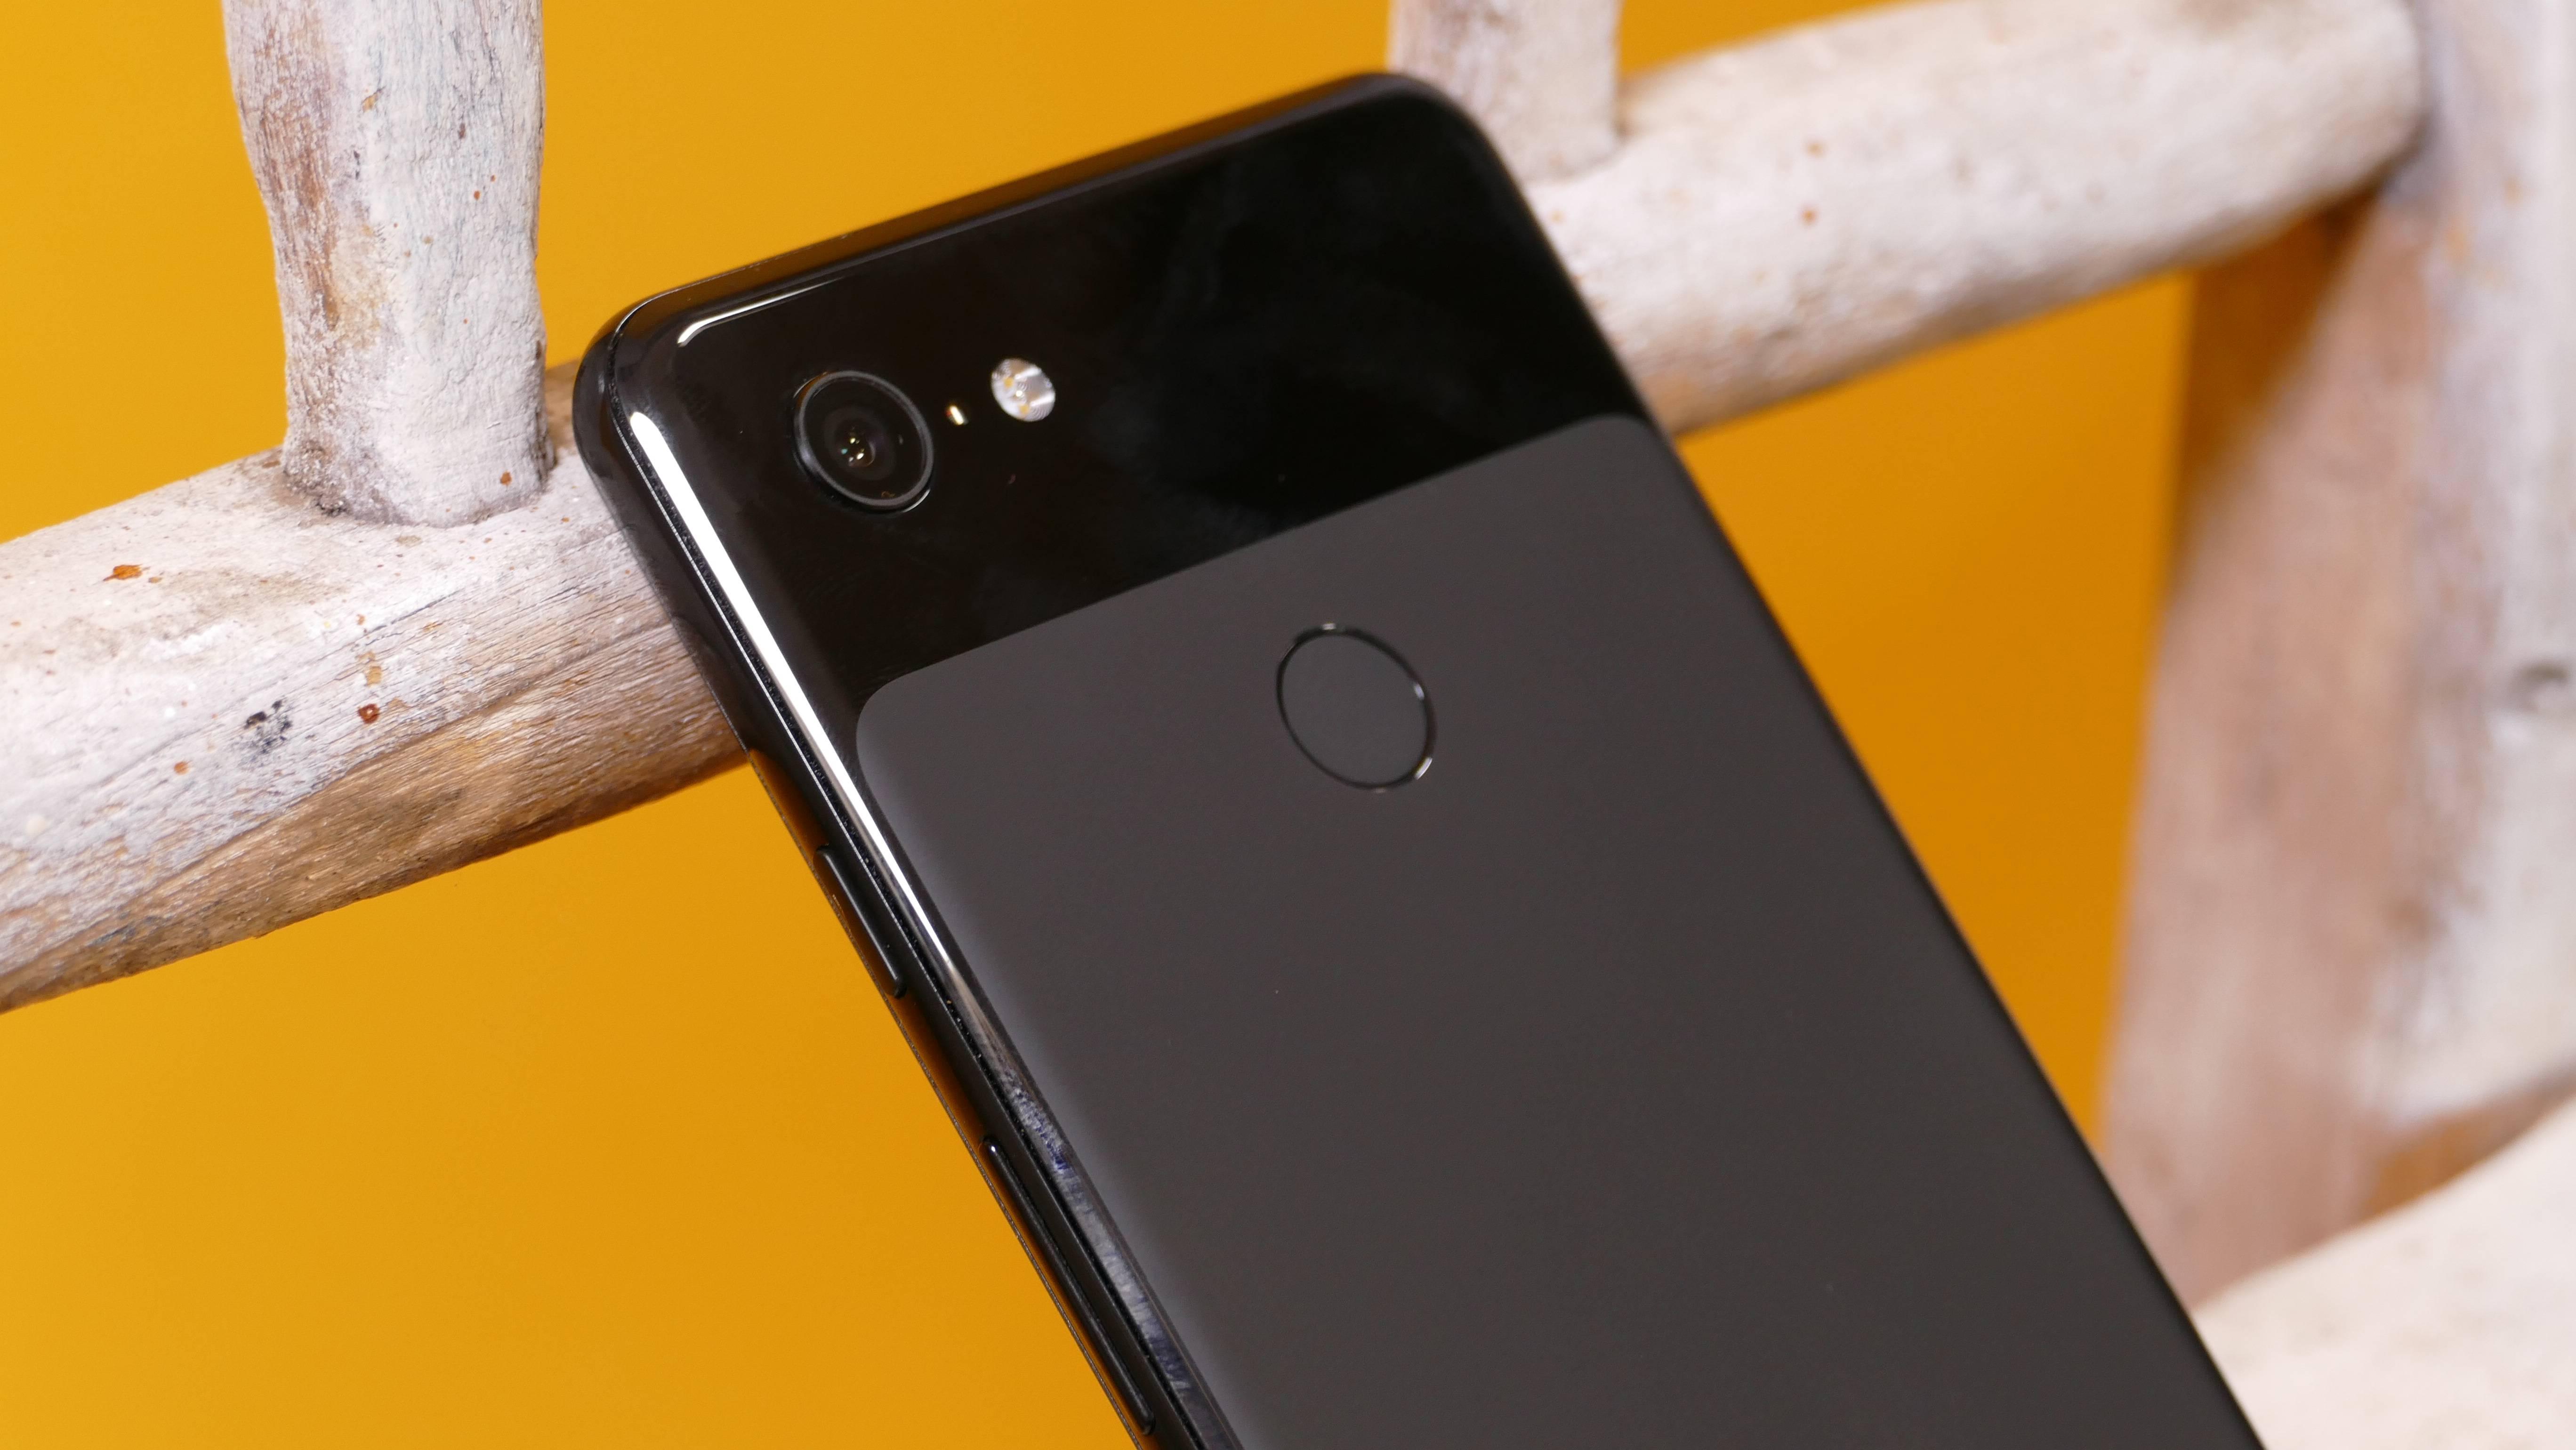 Encuentran grave vulnerabilidad en aplicación de cámara Android